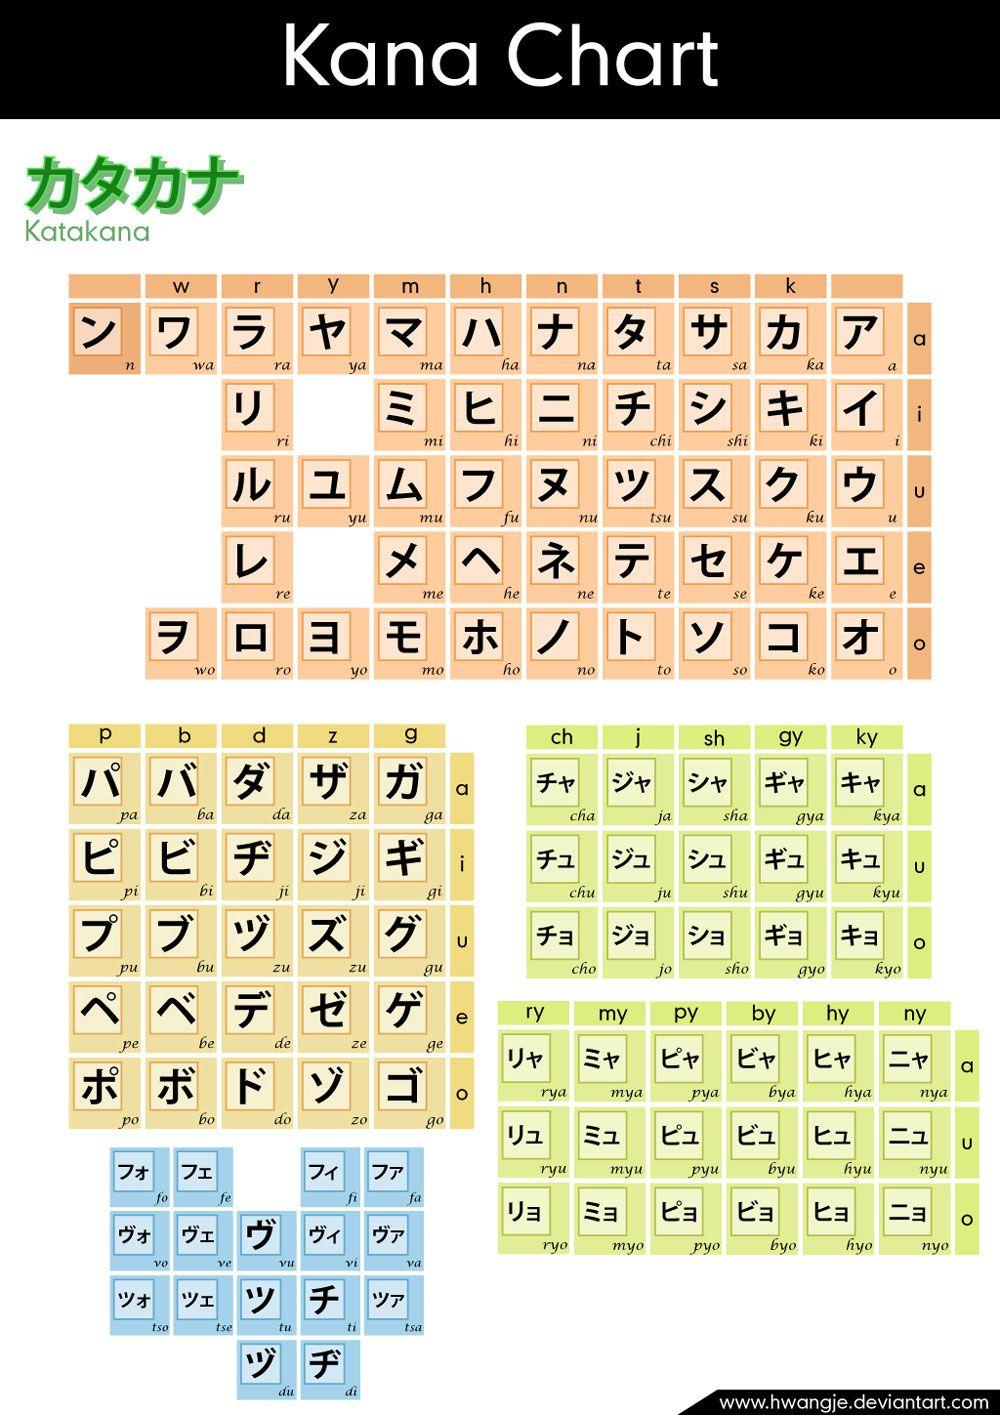 27 Katakana Charts Stroke Order, Mnemonics, Practice, and